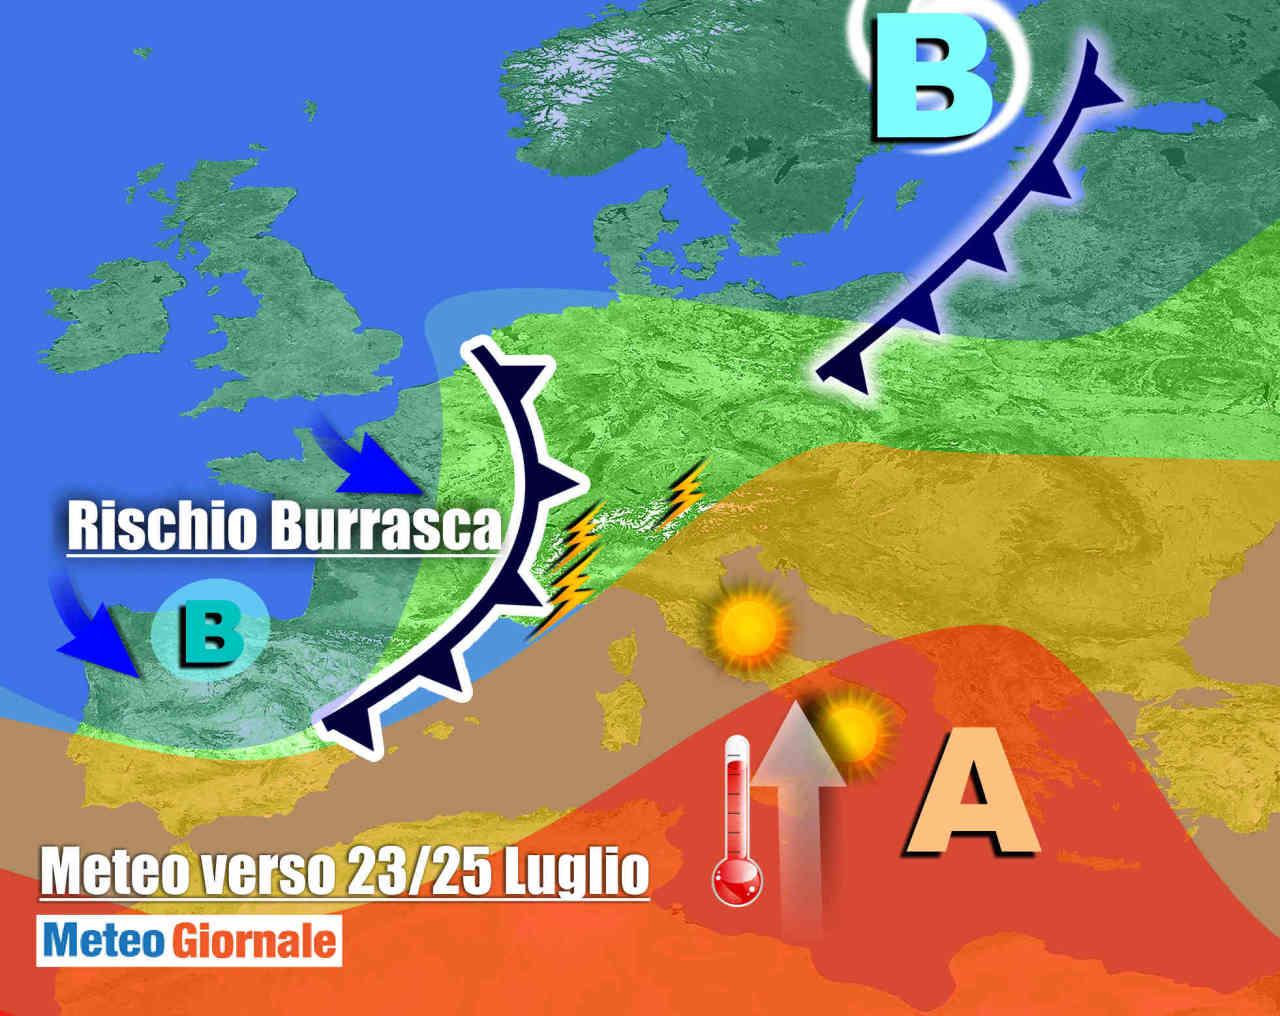 burrasca 1 - Meteo fine Luglio: nuove BURRASCHE ESTIVE, con forti temporali, grandine